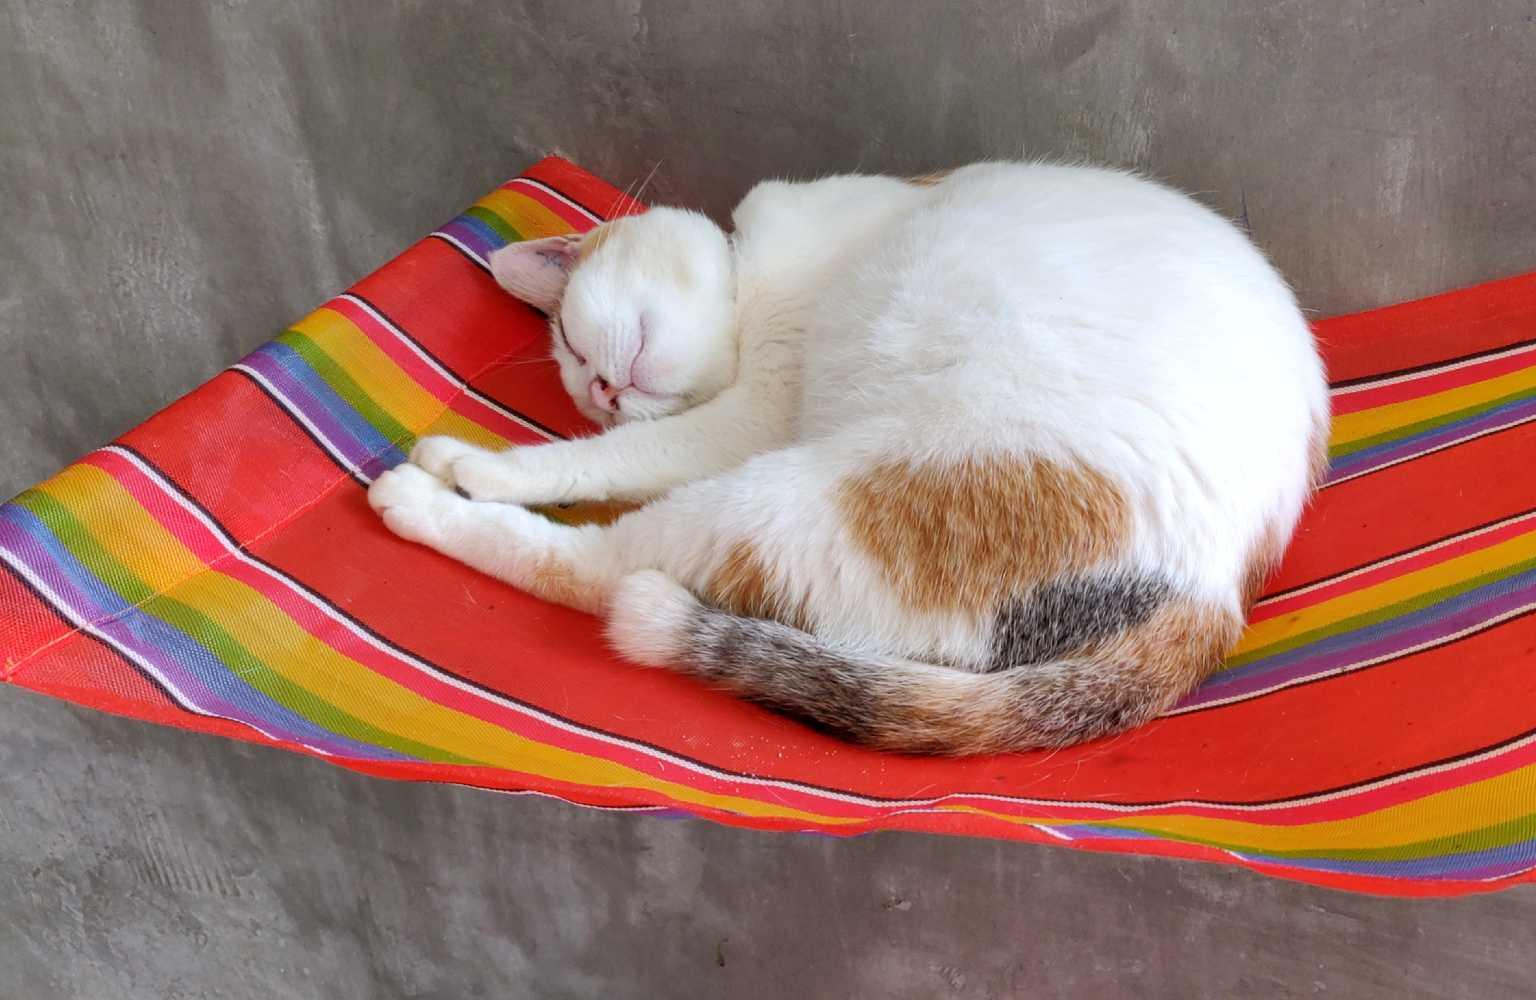 Lanta Animal Welfare, Sleeping Cat in Kitty City